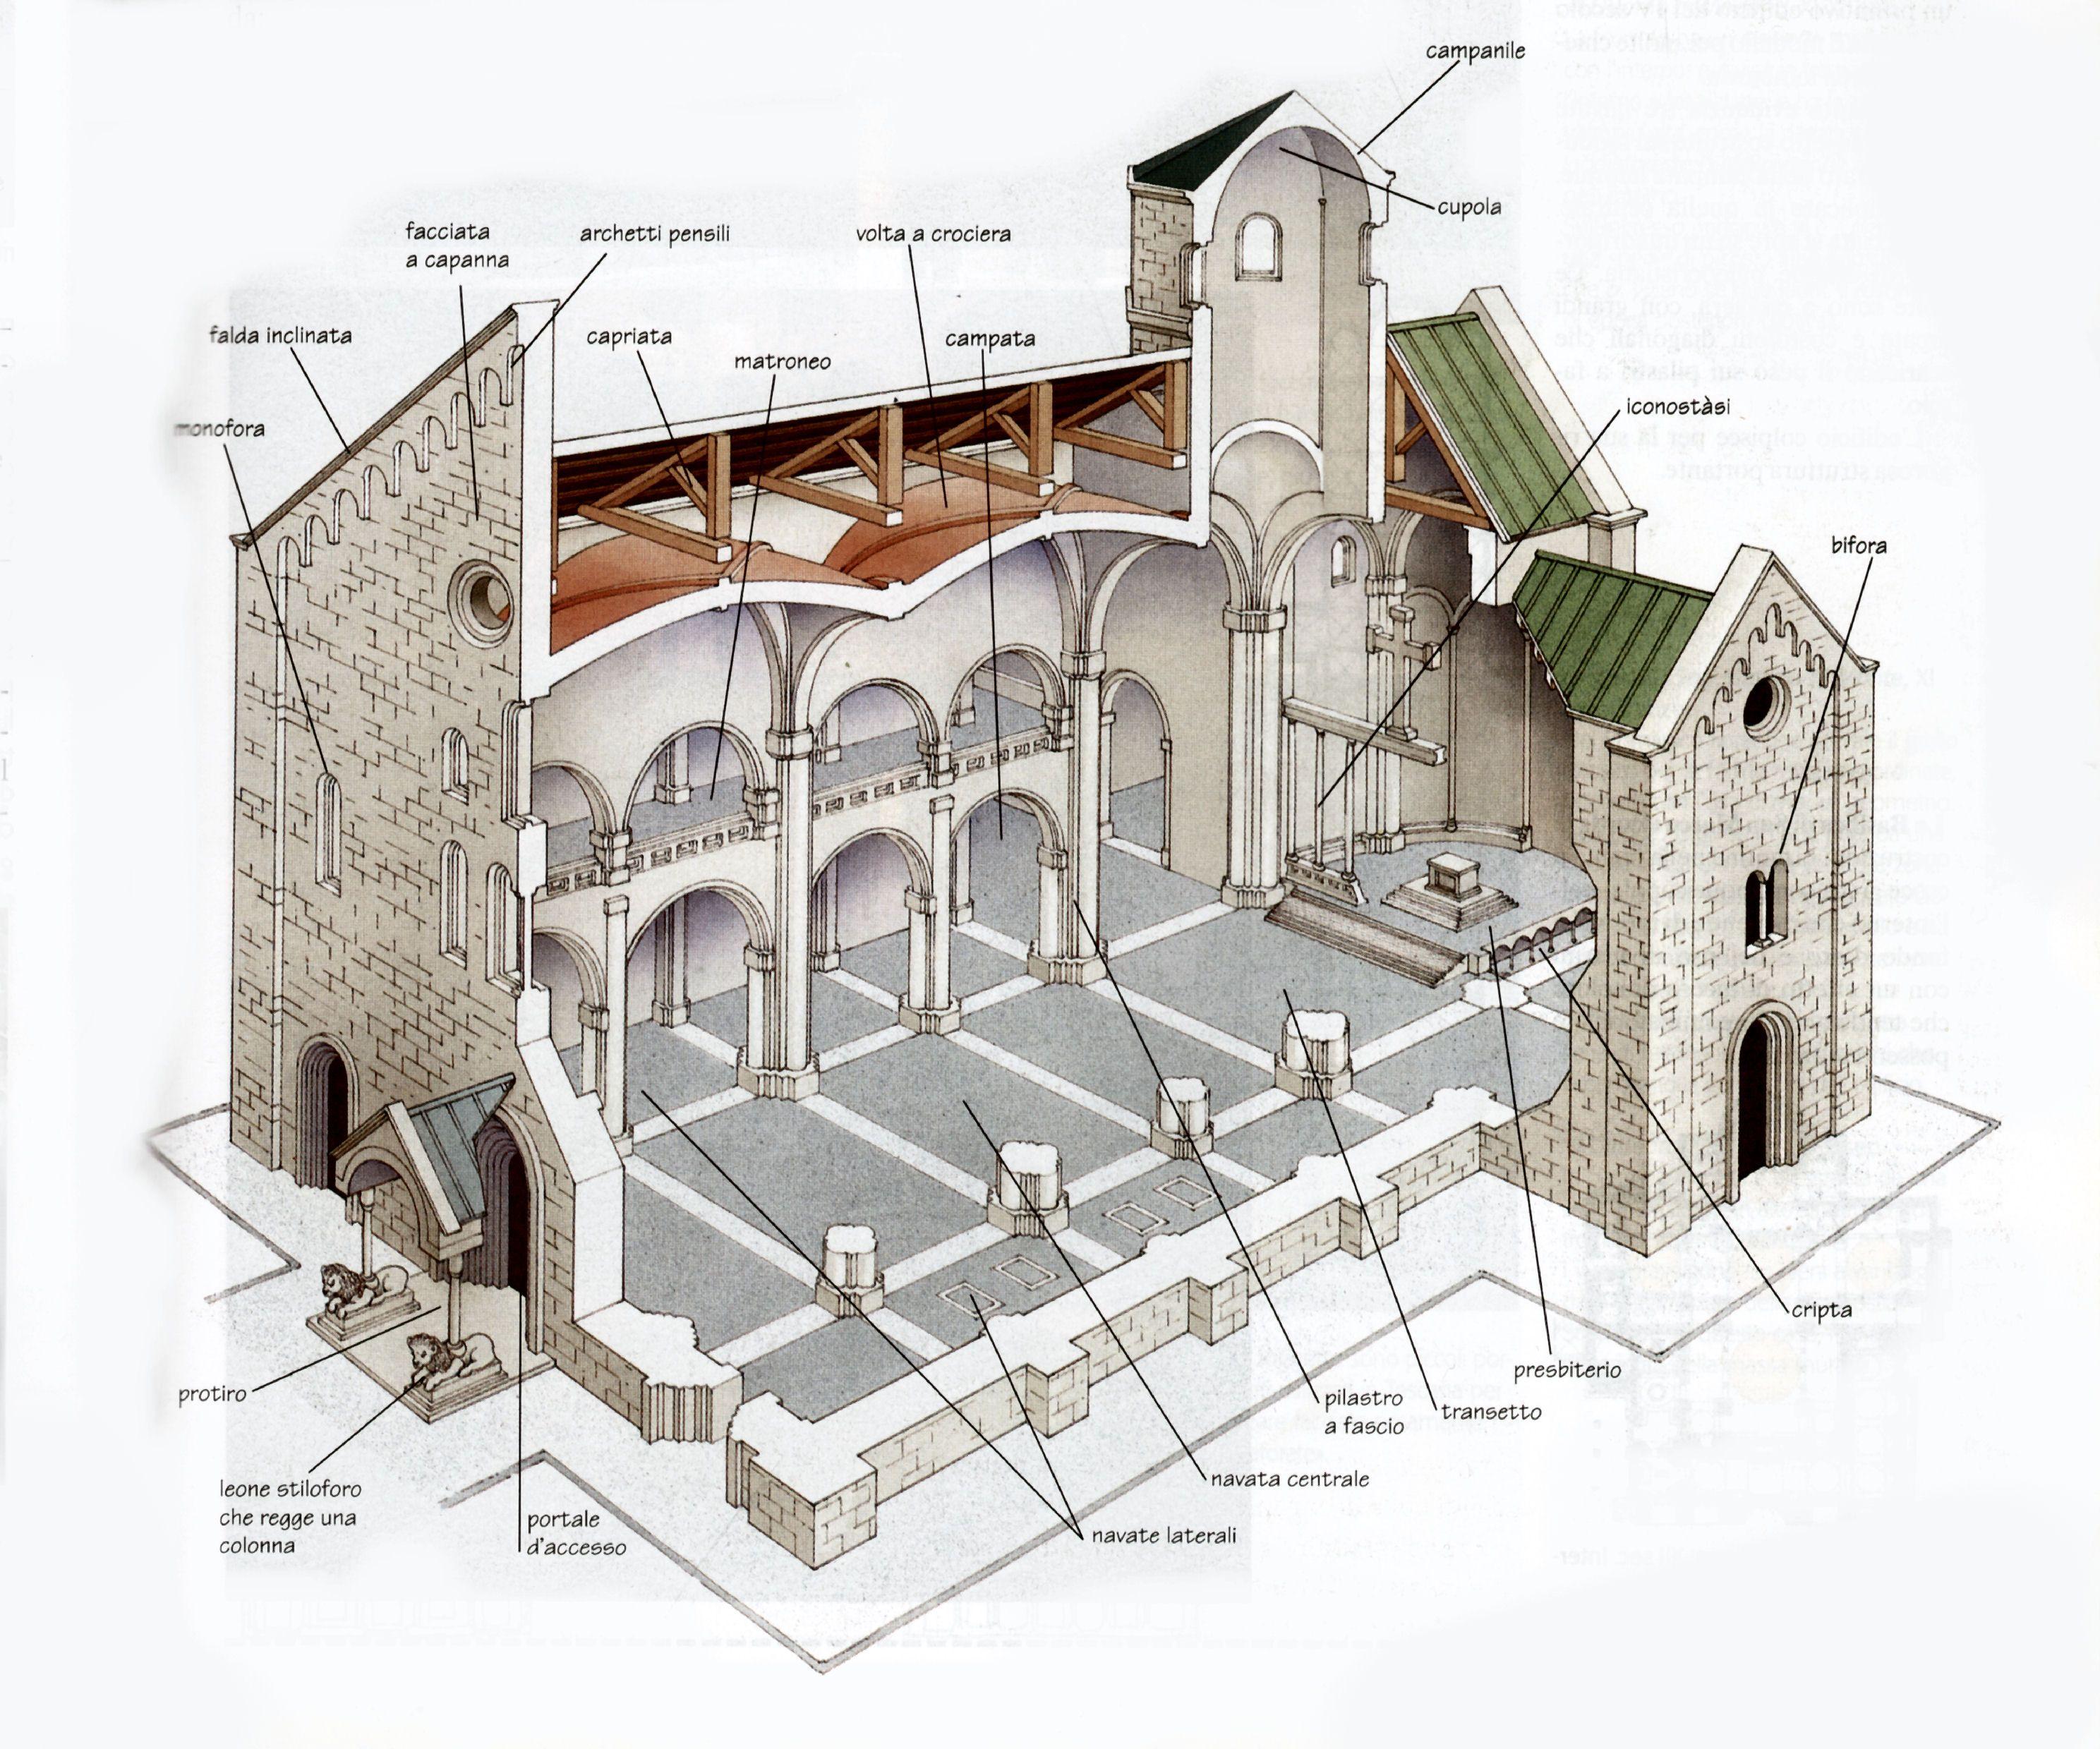 Architettura arte romanica arte romanica e gotica for Casa di architettura gotica